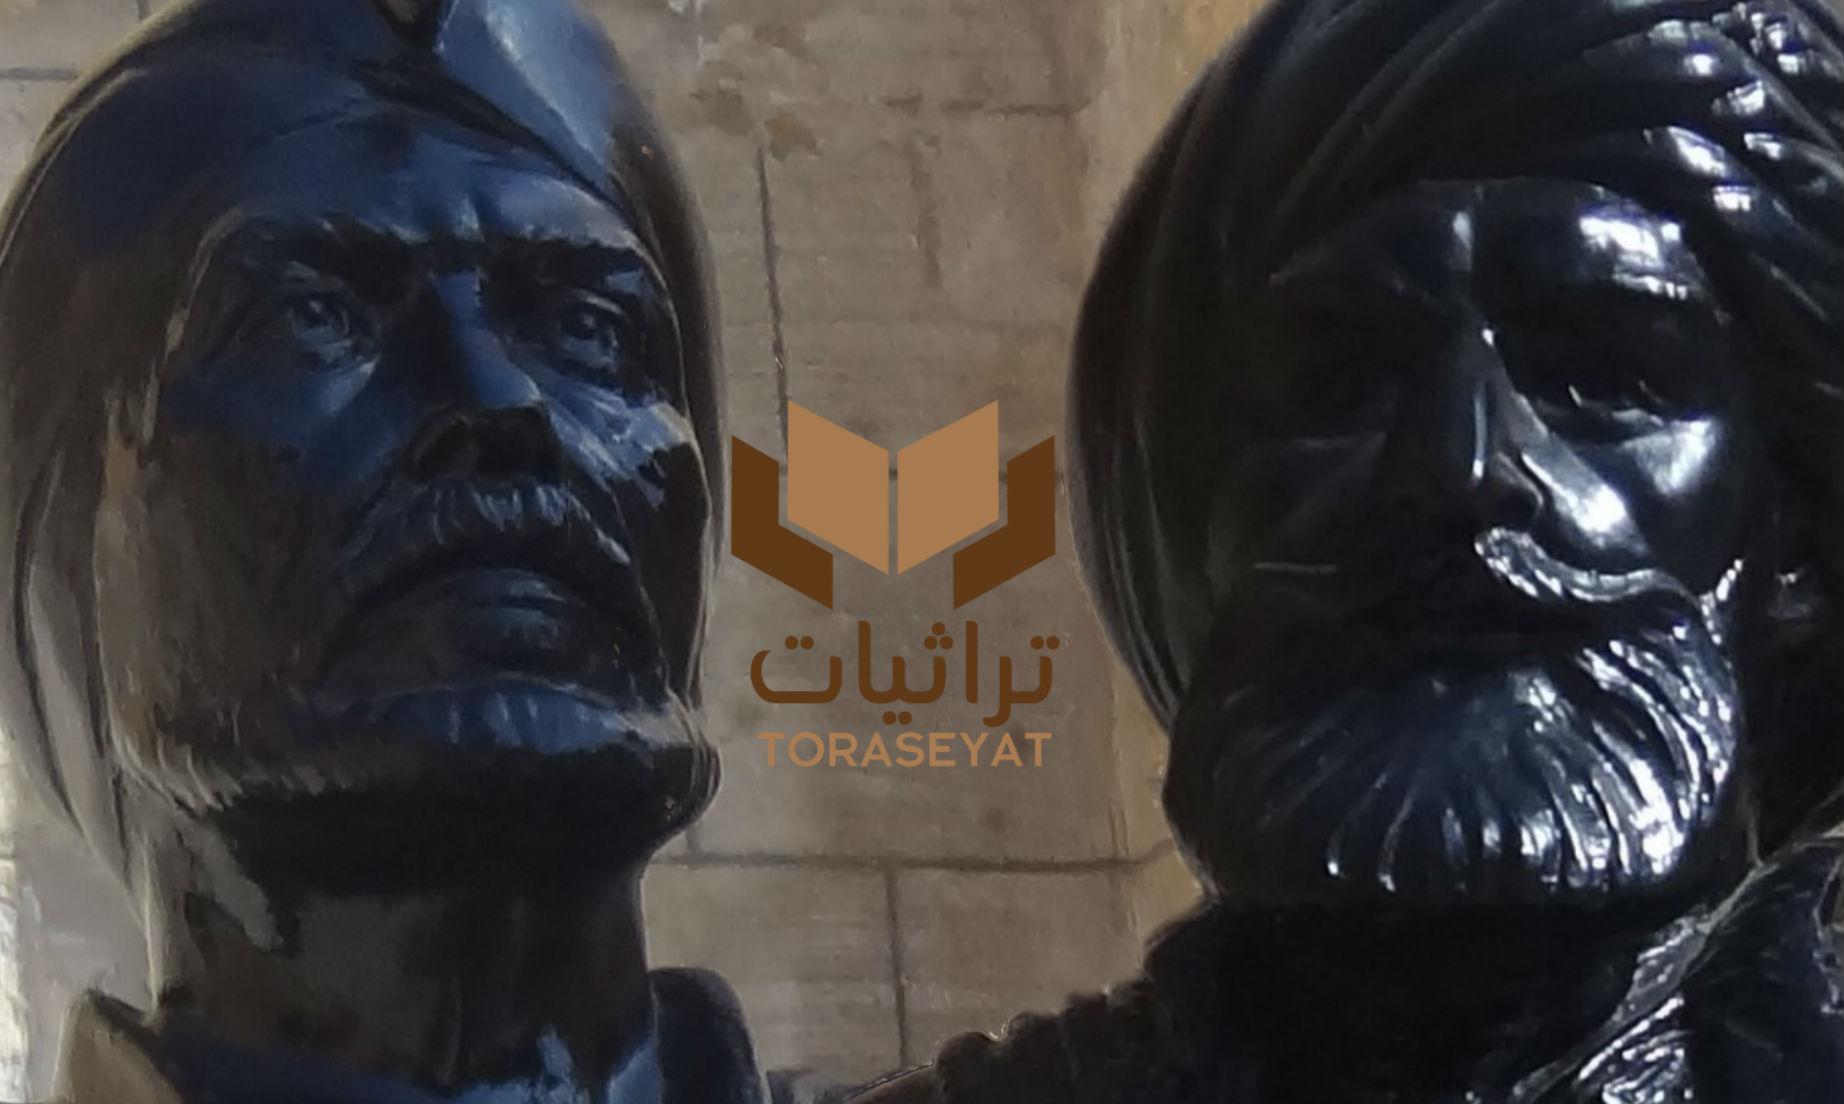 تمثال لـ محمد علي وصلاح الدين بالمتحف الحربي في القلعة